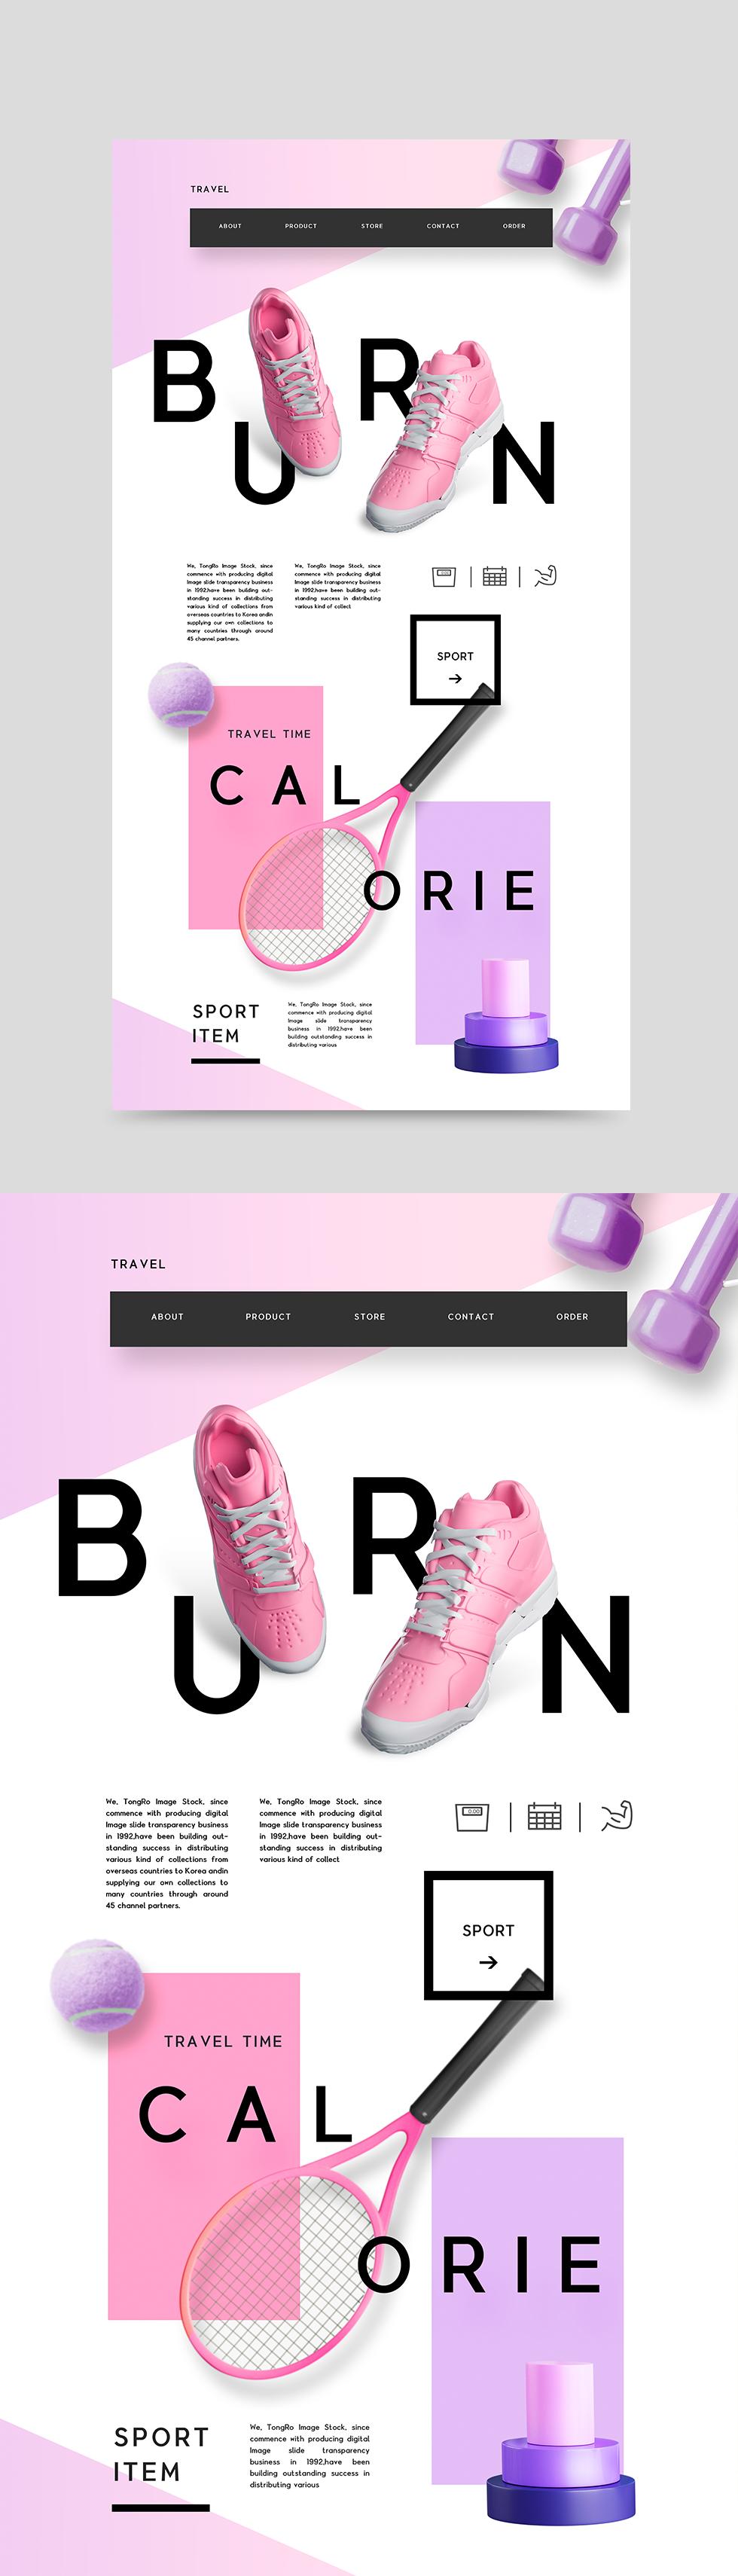 简约欧美风格响应式web网页设计模板psd分层